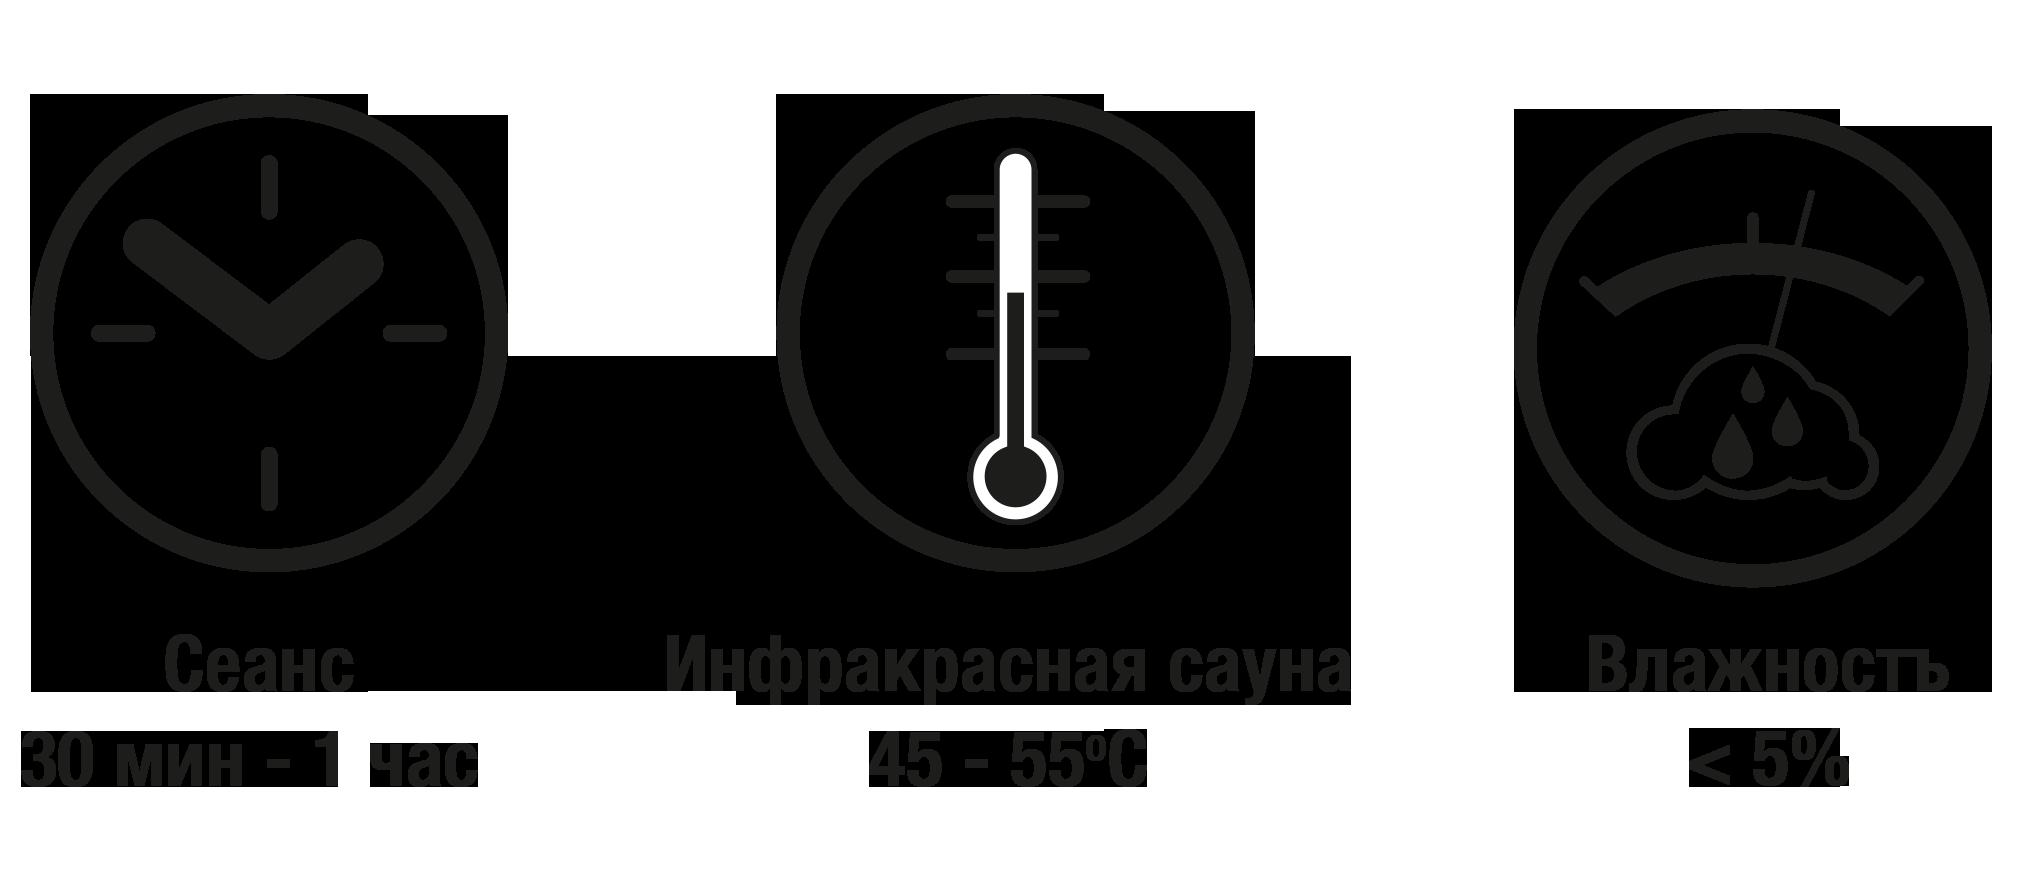 puhastus-tingimsed-RUS